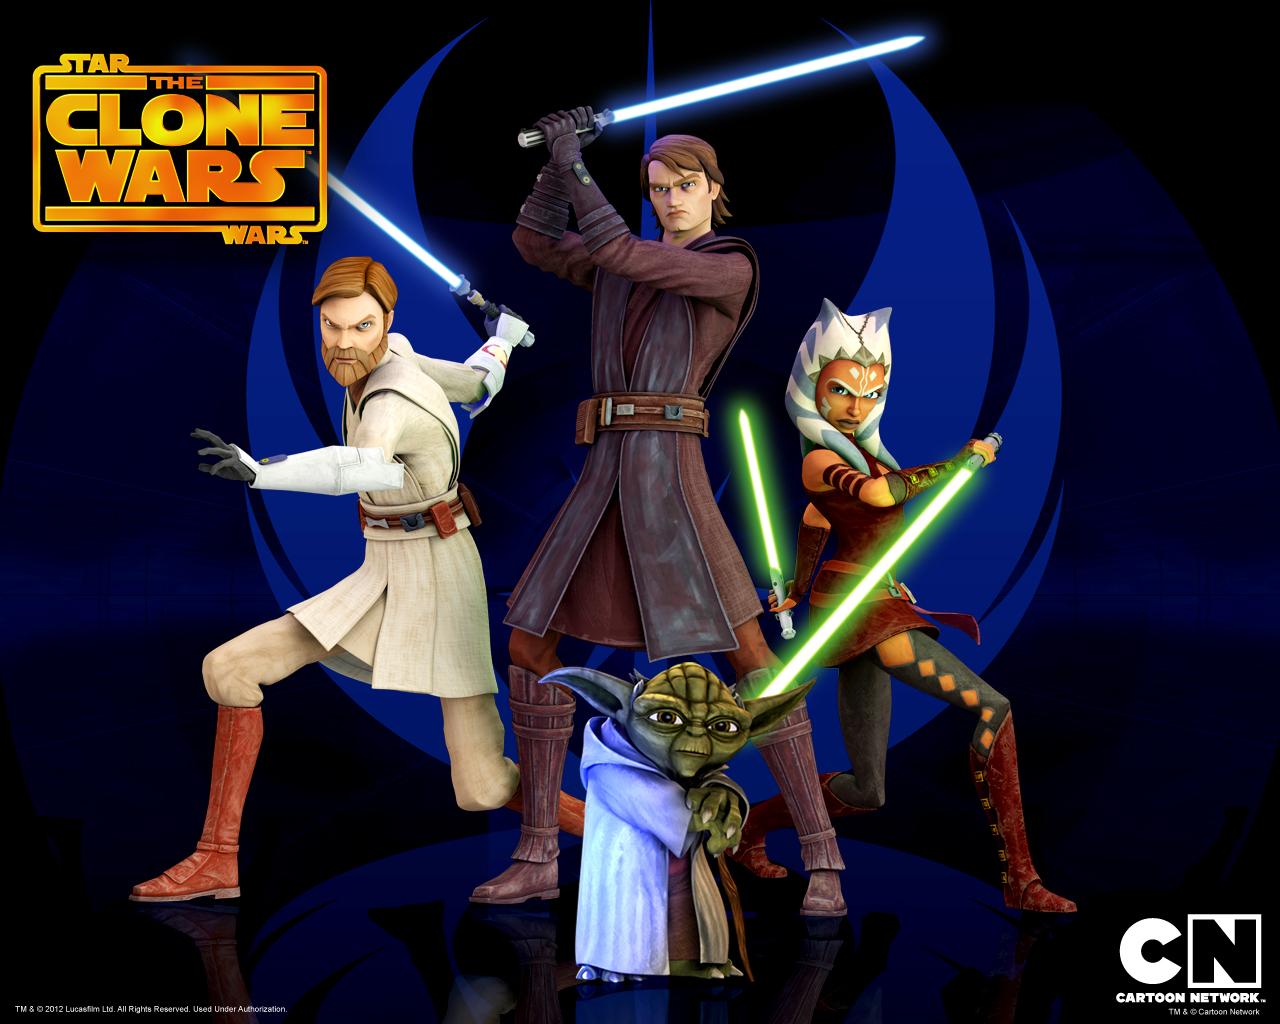 star wars the clone wars jedi wallpaper normal54jpg 1280x1024